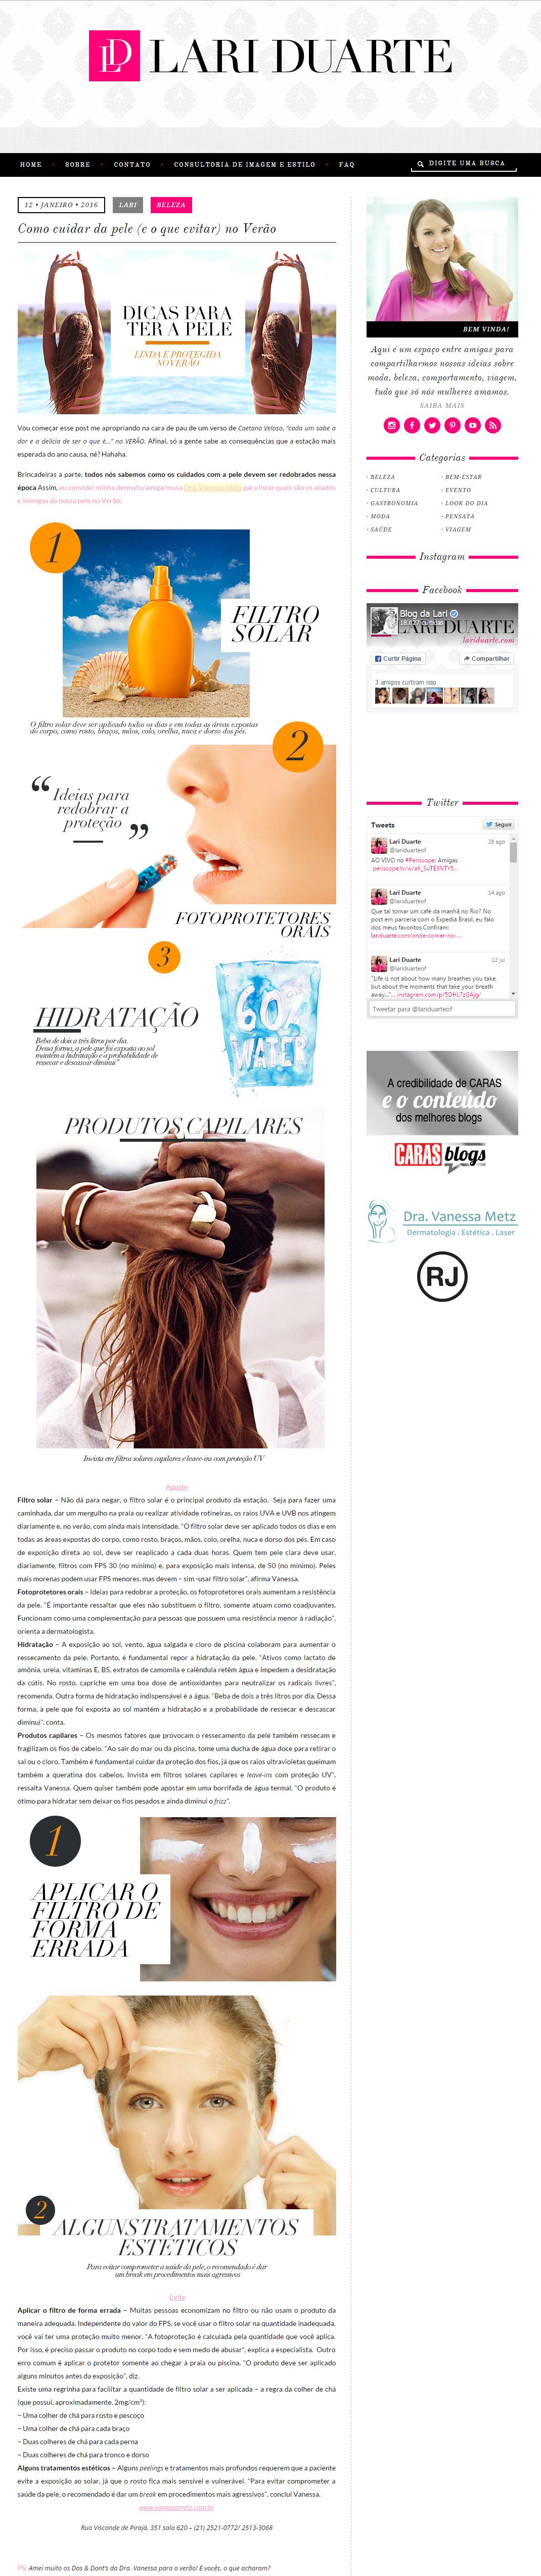 Blog Lari Duarte - 12 de janeiro de 2016 - Como cuidar da pele no verão